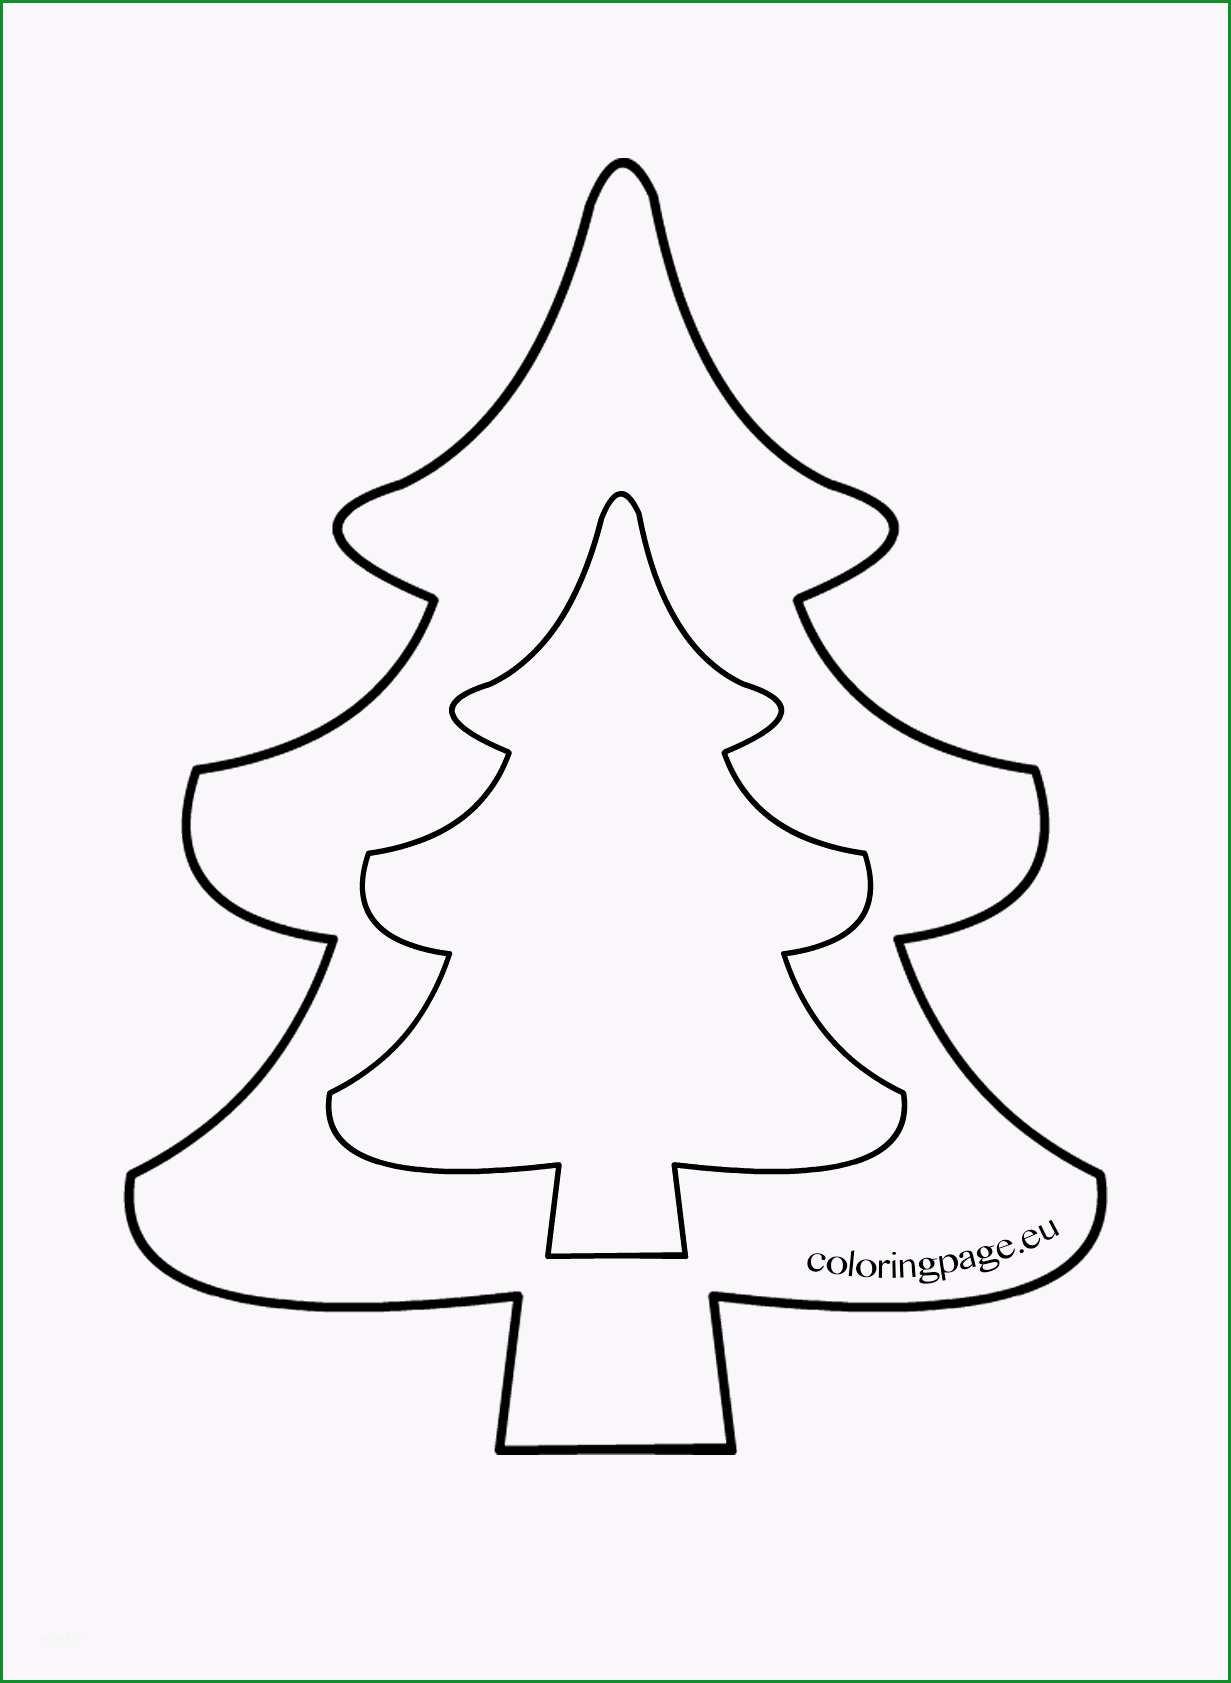 weihnachtsbaum vorlage zu drucken nahen pinterest christmas fur tannenbaum vorlage zum ausdrucken